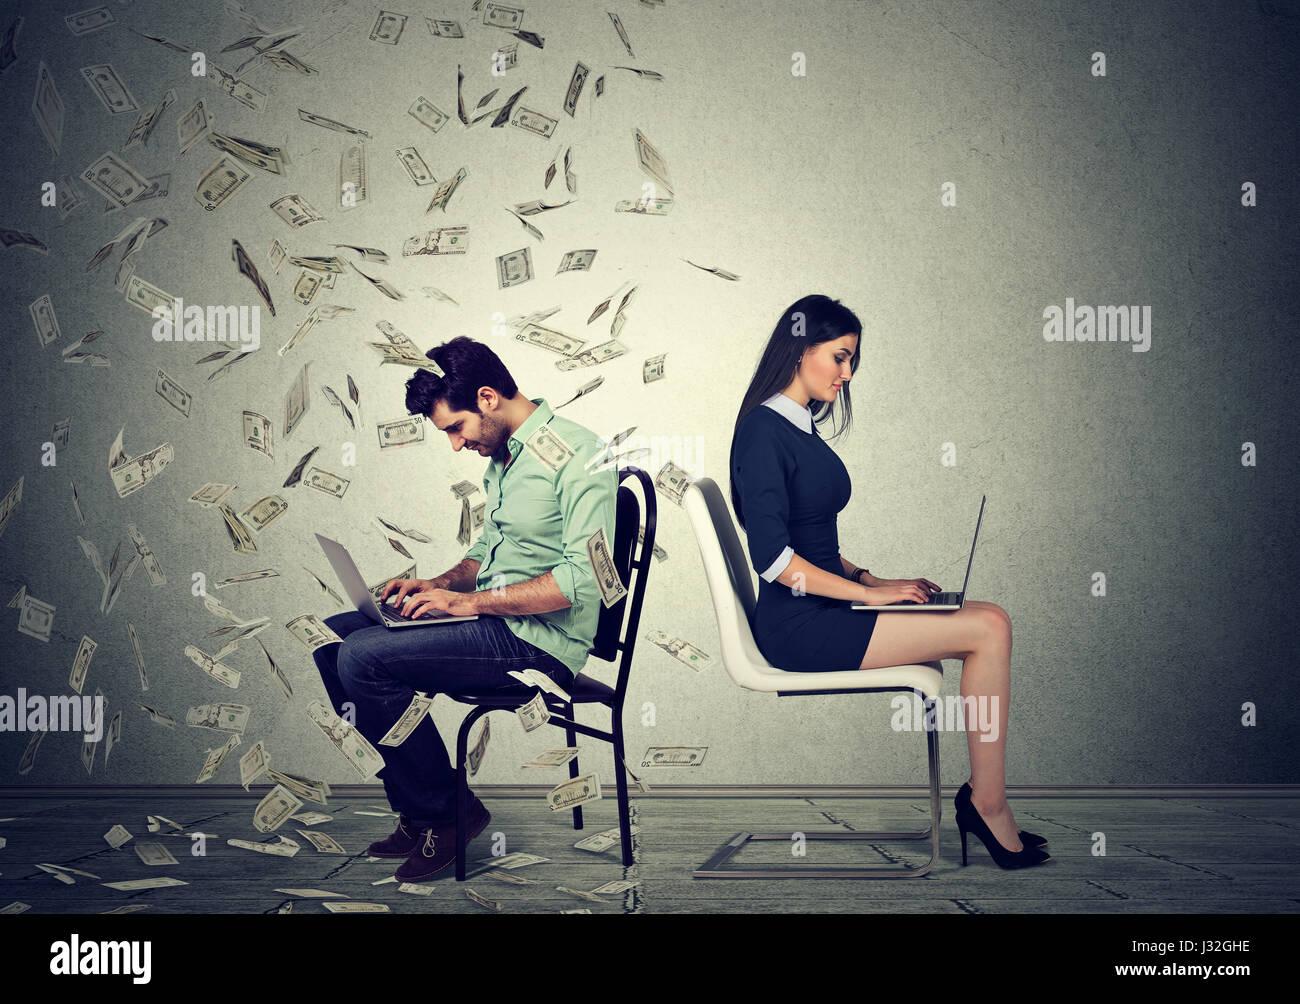 Arbeitnehmer Entschädigung Wirtschaft Konzept. Frau am Laptop sitzt neben junger Mann unter Geld Regen arbeiten. Stockbild